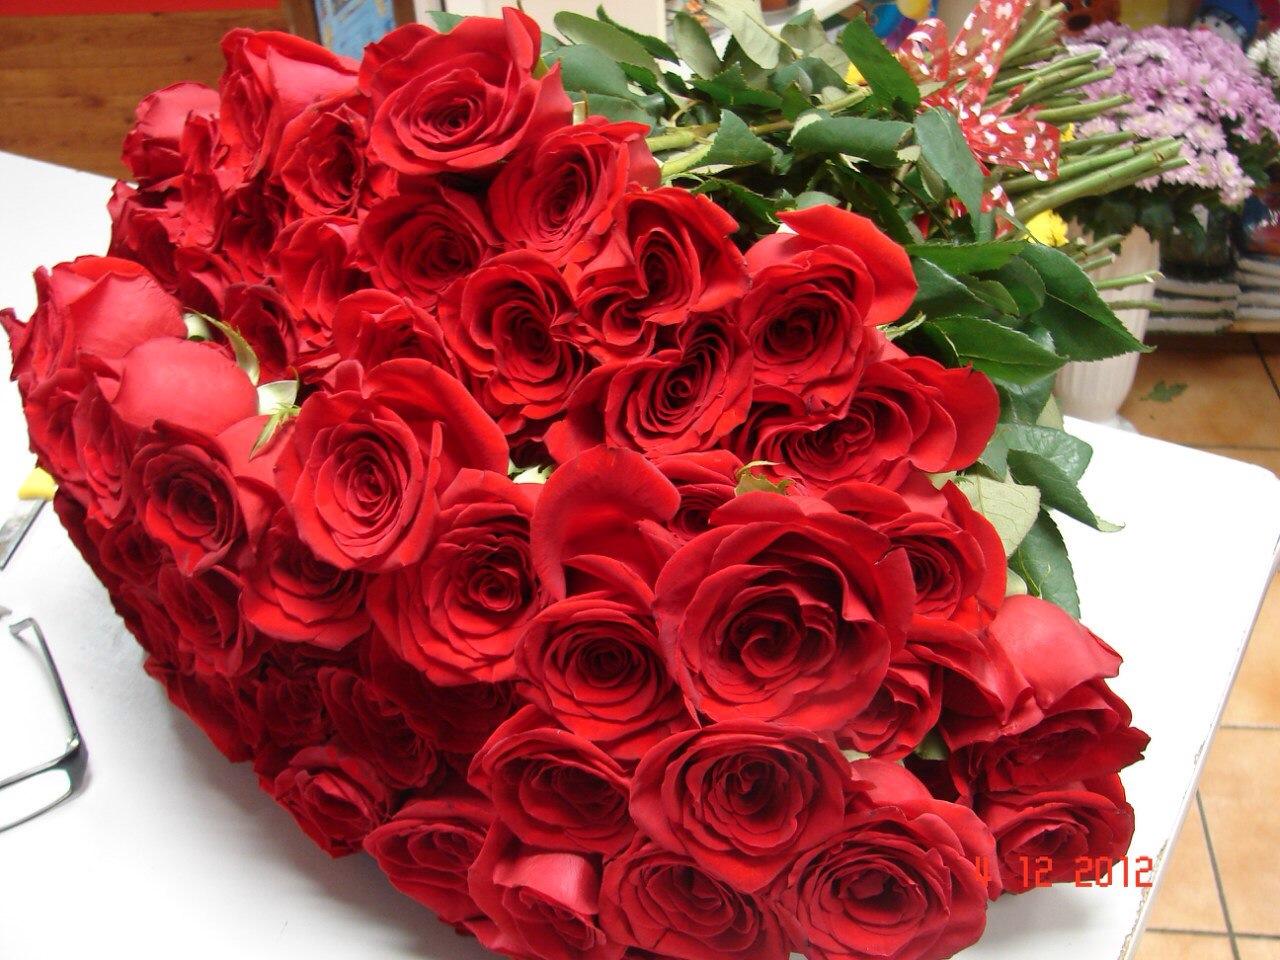 Орхидеи калл, самый красивый букет роз в мире картинки